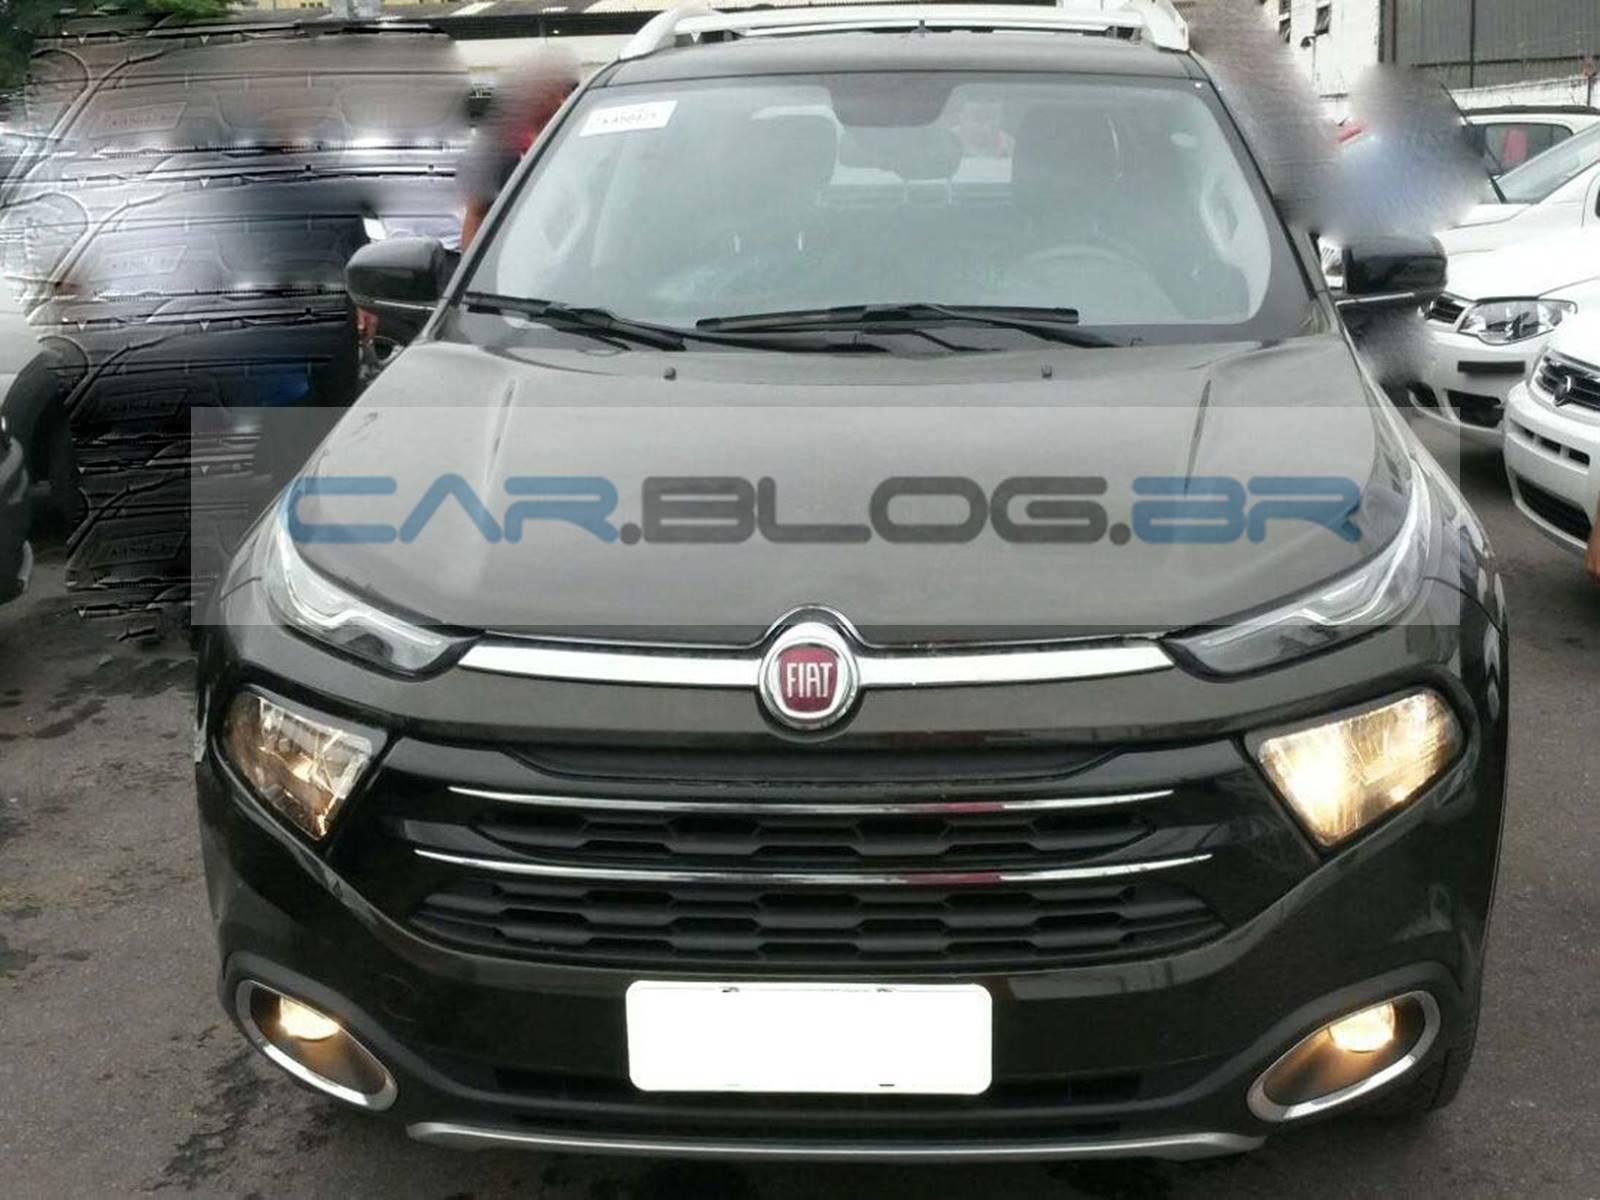 Fiat Toro 2.0 Diesel Volcano Automática